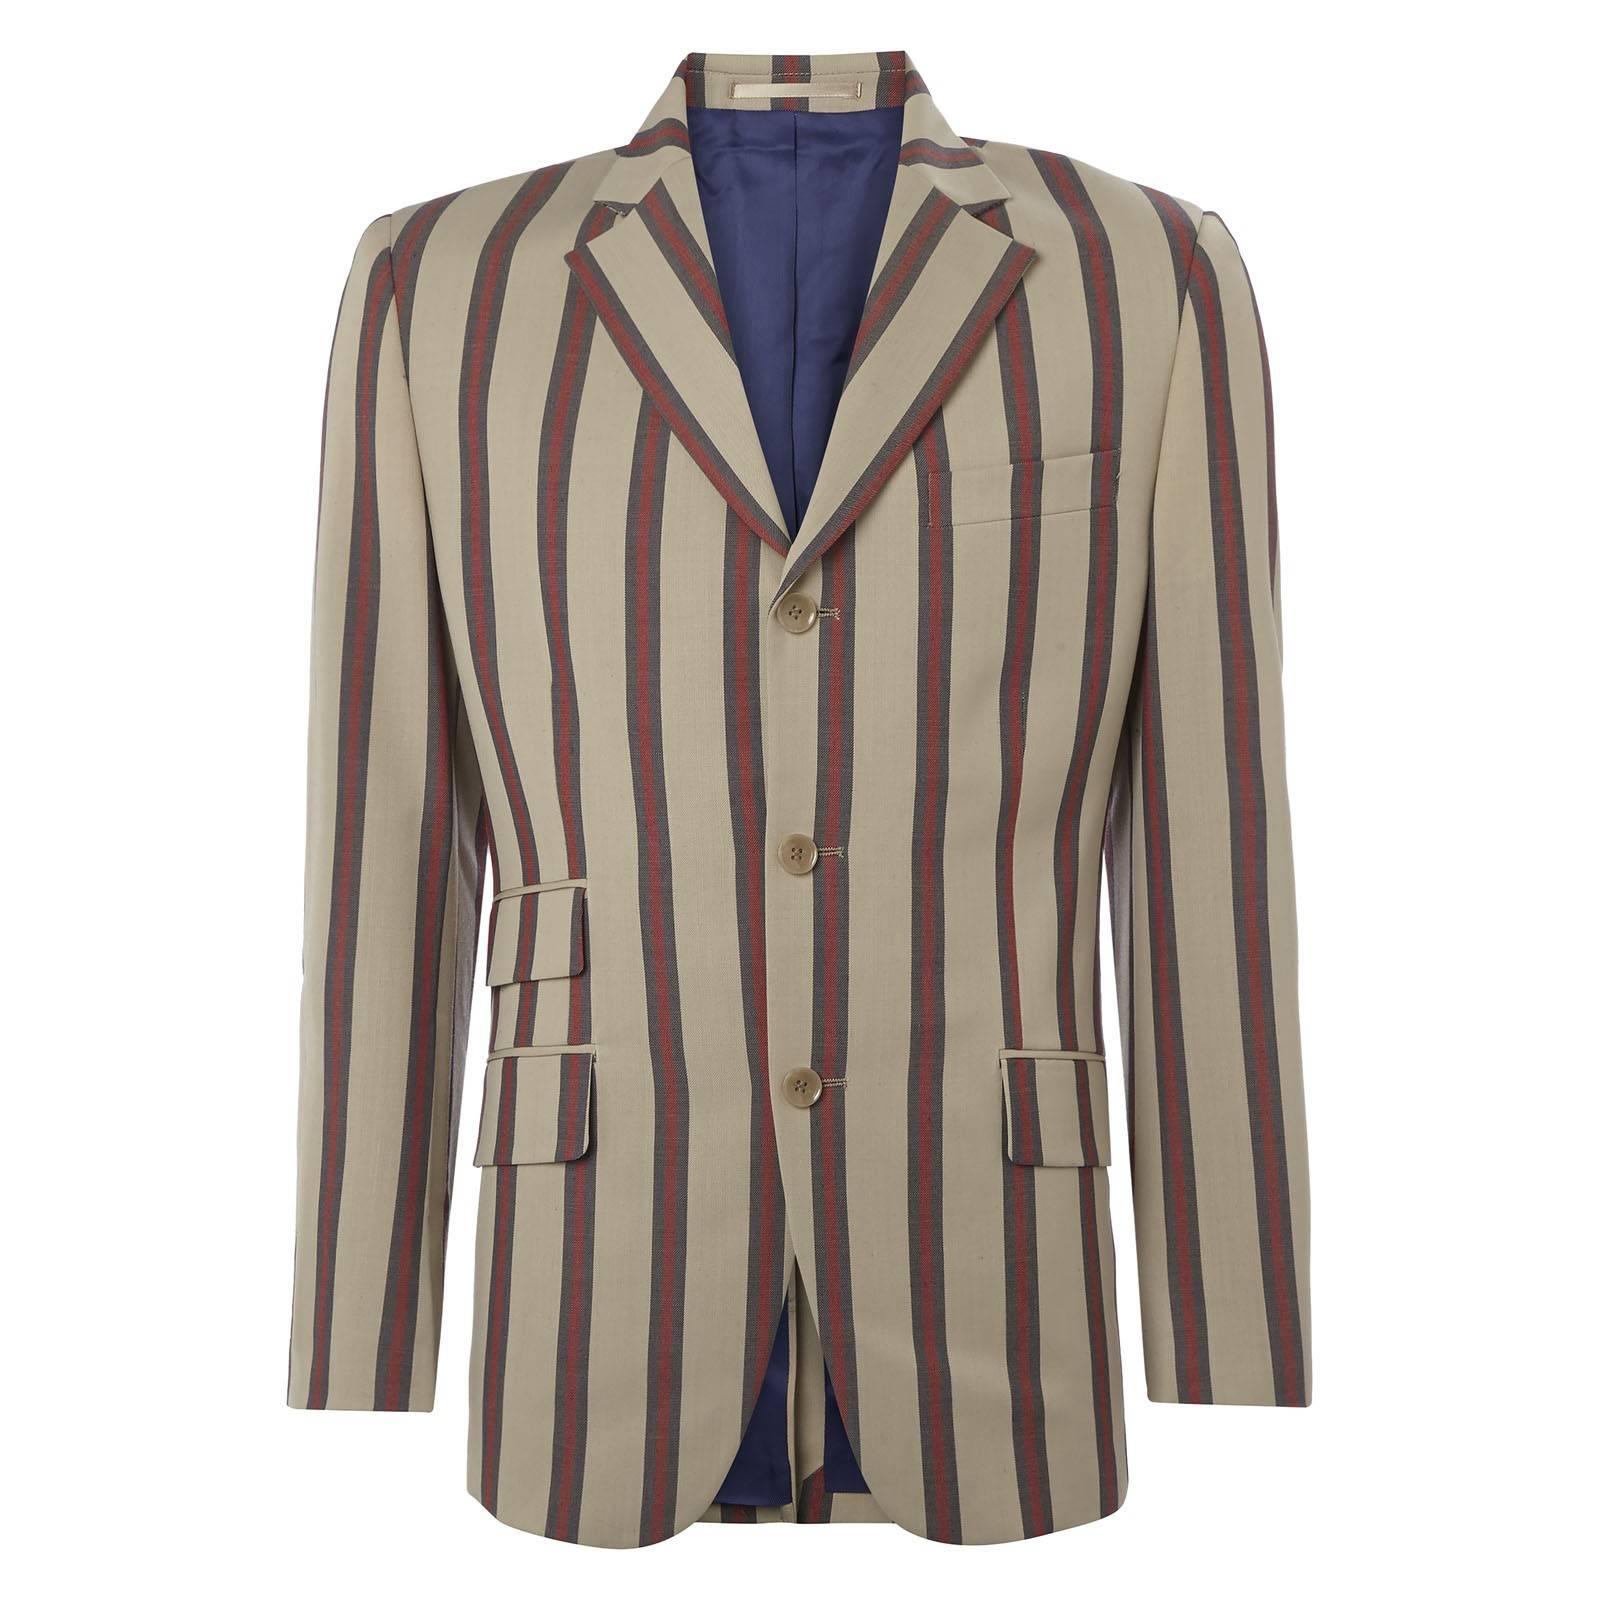 Пиджак HemmingwayКостюмы и пиджаки<br>Приталенного фасона однобортный пиджак из высококачественного полушерстяного материала - изюминка&amp;lt;a href=http://merclondon.ru/collection/suits/ target=_blank &amp;gt;&amp;amp;quot;формальной&amp;amp;quot; линии&amp;lt;/a&amp;gt;Merc и икона стиля лондонских пижонов эпохи &amp;amp;quot;Swinging Sixties&amp;amp;quot;. <br>&amp;lt;div&amp;gt; <br>  &amp;lt;br /&amp;gt;<br> &amp;lt;/div&amp;gt;<br> <br>&amp;lt;div&amp;gt;Эффектный, в полоску, двухцветный узор, двойной накладной карман справа, одинарный разрез по центру сзади и высокий вырез в форме острого треугольника в нижней части спереди - узнаваемые детали знаменитого &amp;amp;quot;преппи лук&amp;amp;quot; американской университетской спортивной Лиги плюща, впервые переработавшей классический пиджак в спортивный casual блейзер для своей светской униформы конца 50-х.&amp;lt;/div&amp;gt;<br> <br>&amp;lt;div&amp;gt; <br>  &amp;lt;br /&amp;gt;<br> &amp;lt;/div&amp;gt;<br> <br>&amp;lt;div&amp;gt;Позднее данную модель, вслед за еще одним культовым предметом,&amp;lt;a href=http://merclondon.ru/collection/outerwear/harrington/?sphrase_id=1208 target=_blank &amp;gt;курткой Харрингтоном&amp;lt;/a&amp;gt;, позаимствовала у Лиги британская субкультура модов, славившаяся экстравагантным внешним видом и эпатажным lifestyle. Моды носили этот пиджак с однотонной&amp;lt;a href=http://merclondon.ru/collection/shirts/albin/?color=5342 target=_blank &amp;gt;белой сорочкой&amp;lt;/a&amp;gt;или рубашкой&amp;lt;a href=http://merclondon.ru/mercblog/novosti/pasley/ target=_blank &amp;gt;&amp;amp;quot;пейсли&amp;amp;quot;&amp;lt;/a&amp;gt;, зауженными брюками&amp;lt;a href=http://merclondon.ru/collection/trousers/winston/?color=5340 target=_blank &amp;gt;Sta-Prest&amp;lt;/a&amp;gt;и обувью&amp;lt;a href=http://merclondon.ru/collection/obuv/regent_ii/?color=10996 target=_blank &amp;gt;&amp;amp;quot;дерби&amp;amp;quot;&amp;lt;/a&amp;gt;.&amp;lt;/div&amp;gt;<br> <br>&amp;lt;div&amp;gt; <br>  &amp;lt